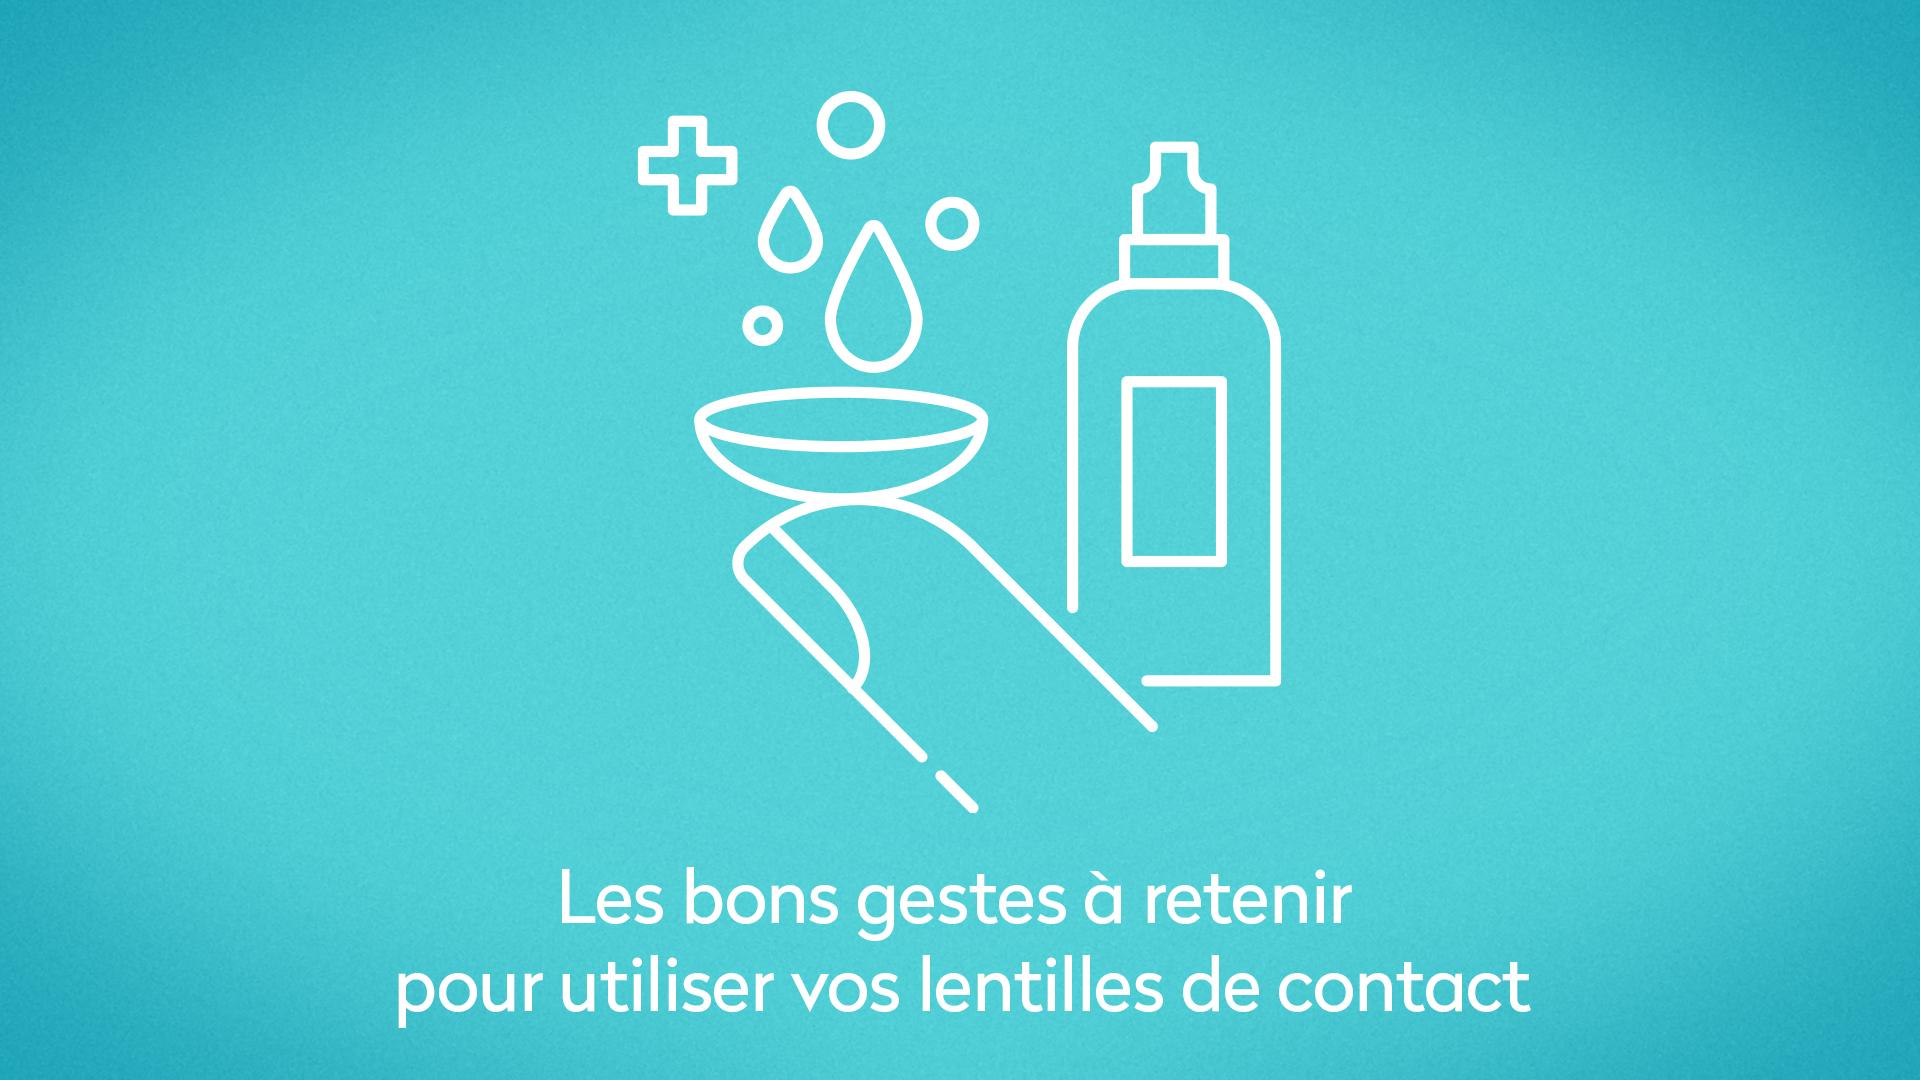 lentilles de contact, Prévention santé, Les bons gestes à retenir pour utiliser vos lentilles de contact